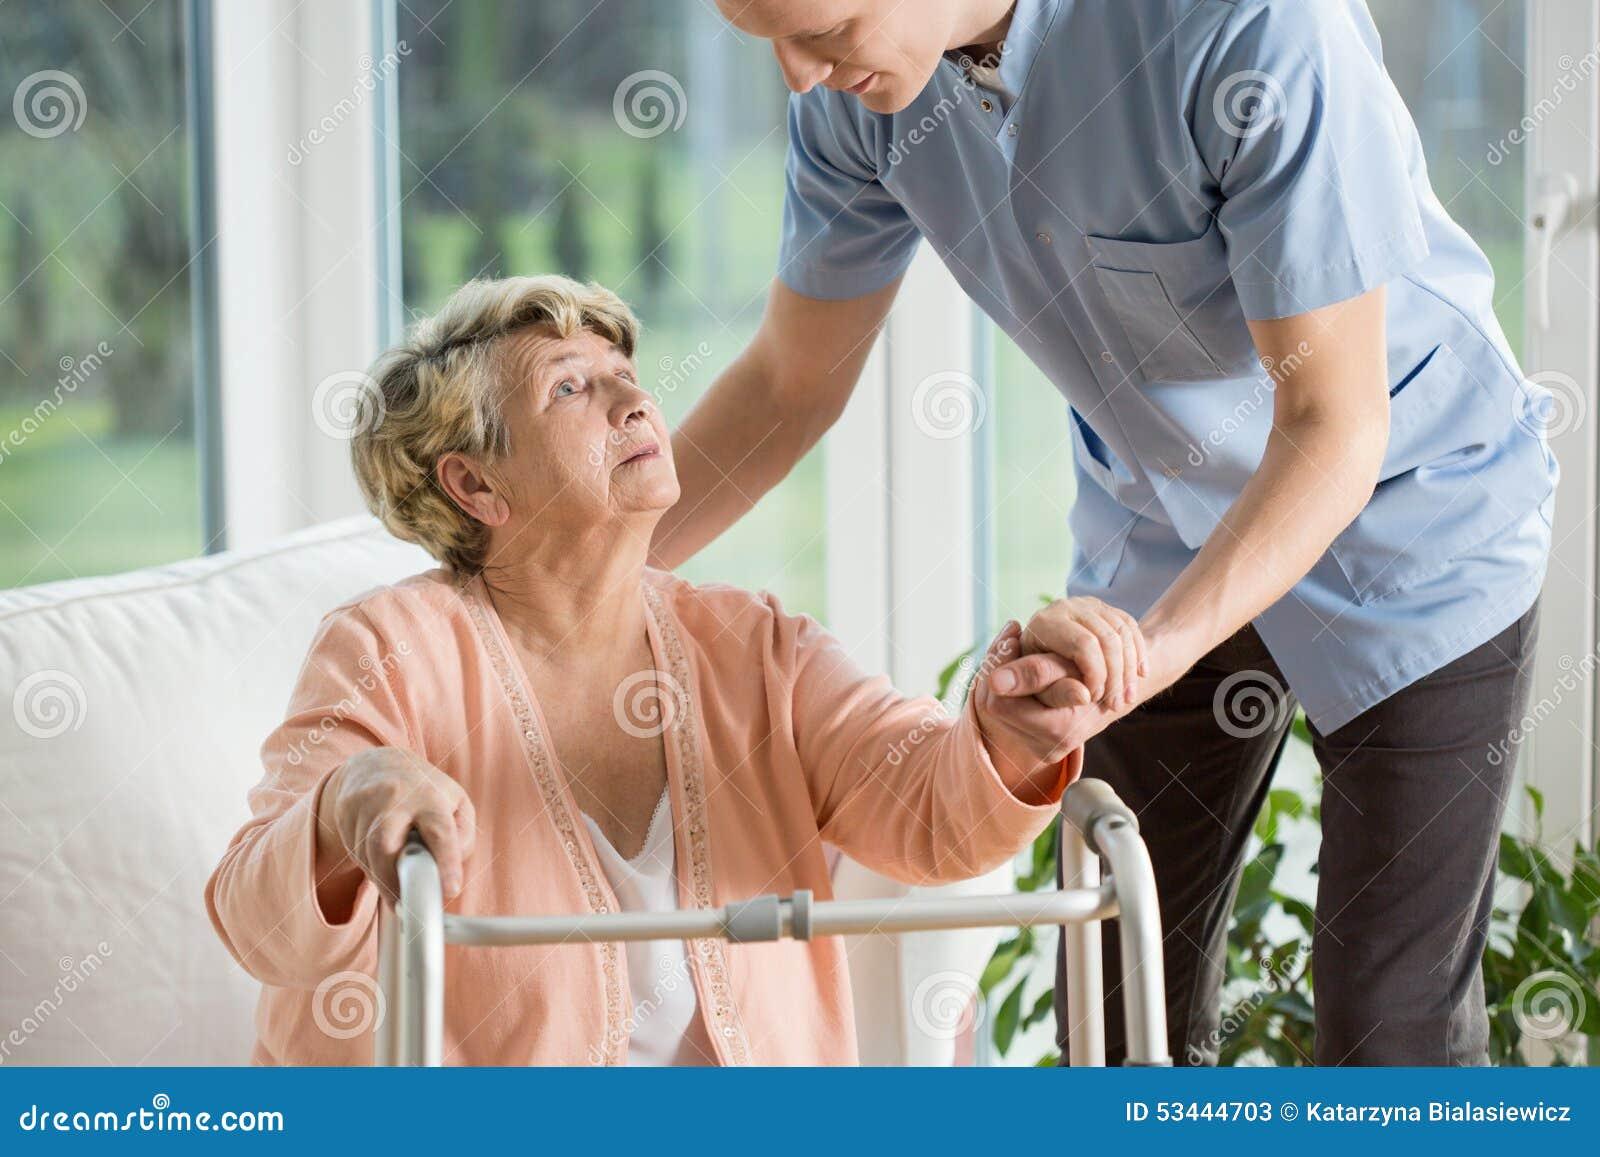 Με ειδικές ανάγκες γυναίκα που χρησιμοποιεί τον περιπατητή